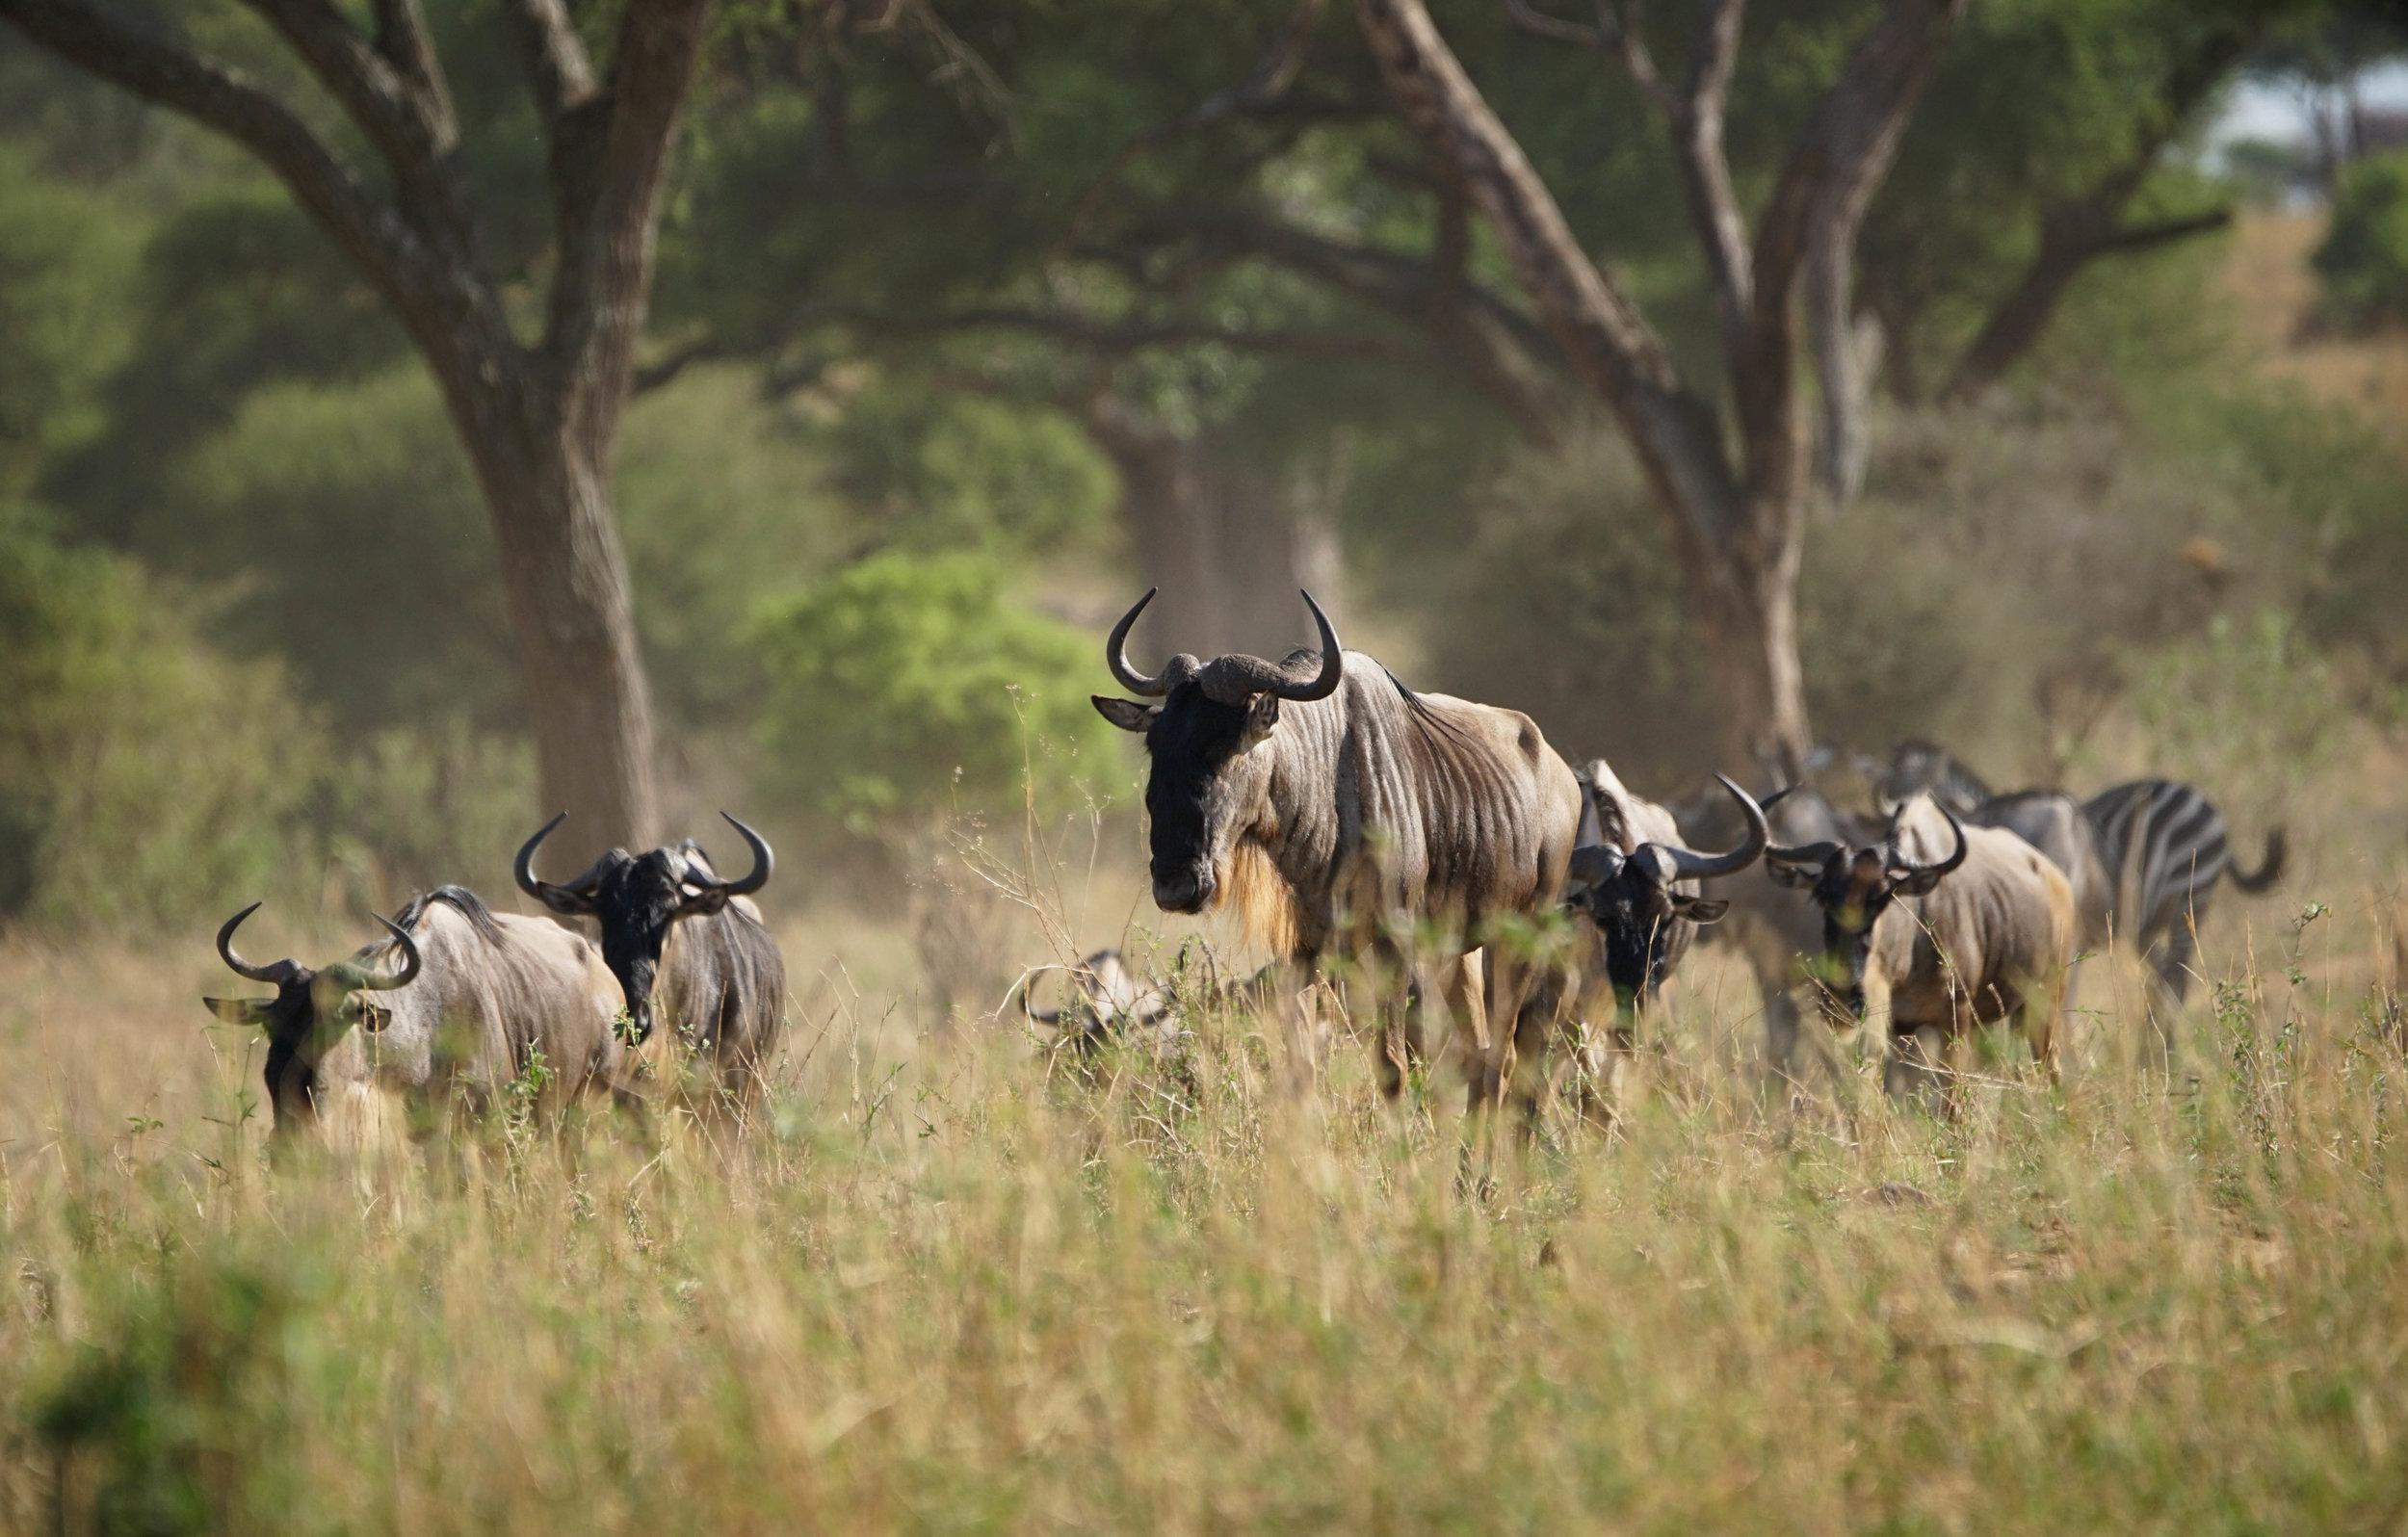 Wildebeest & Zebras are often found together